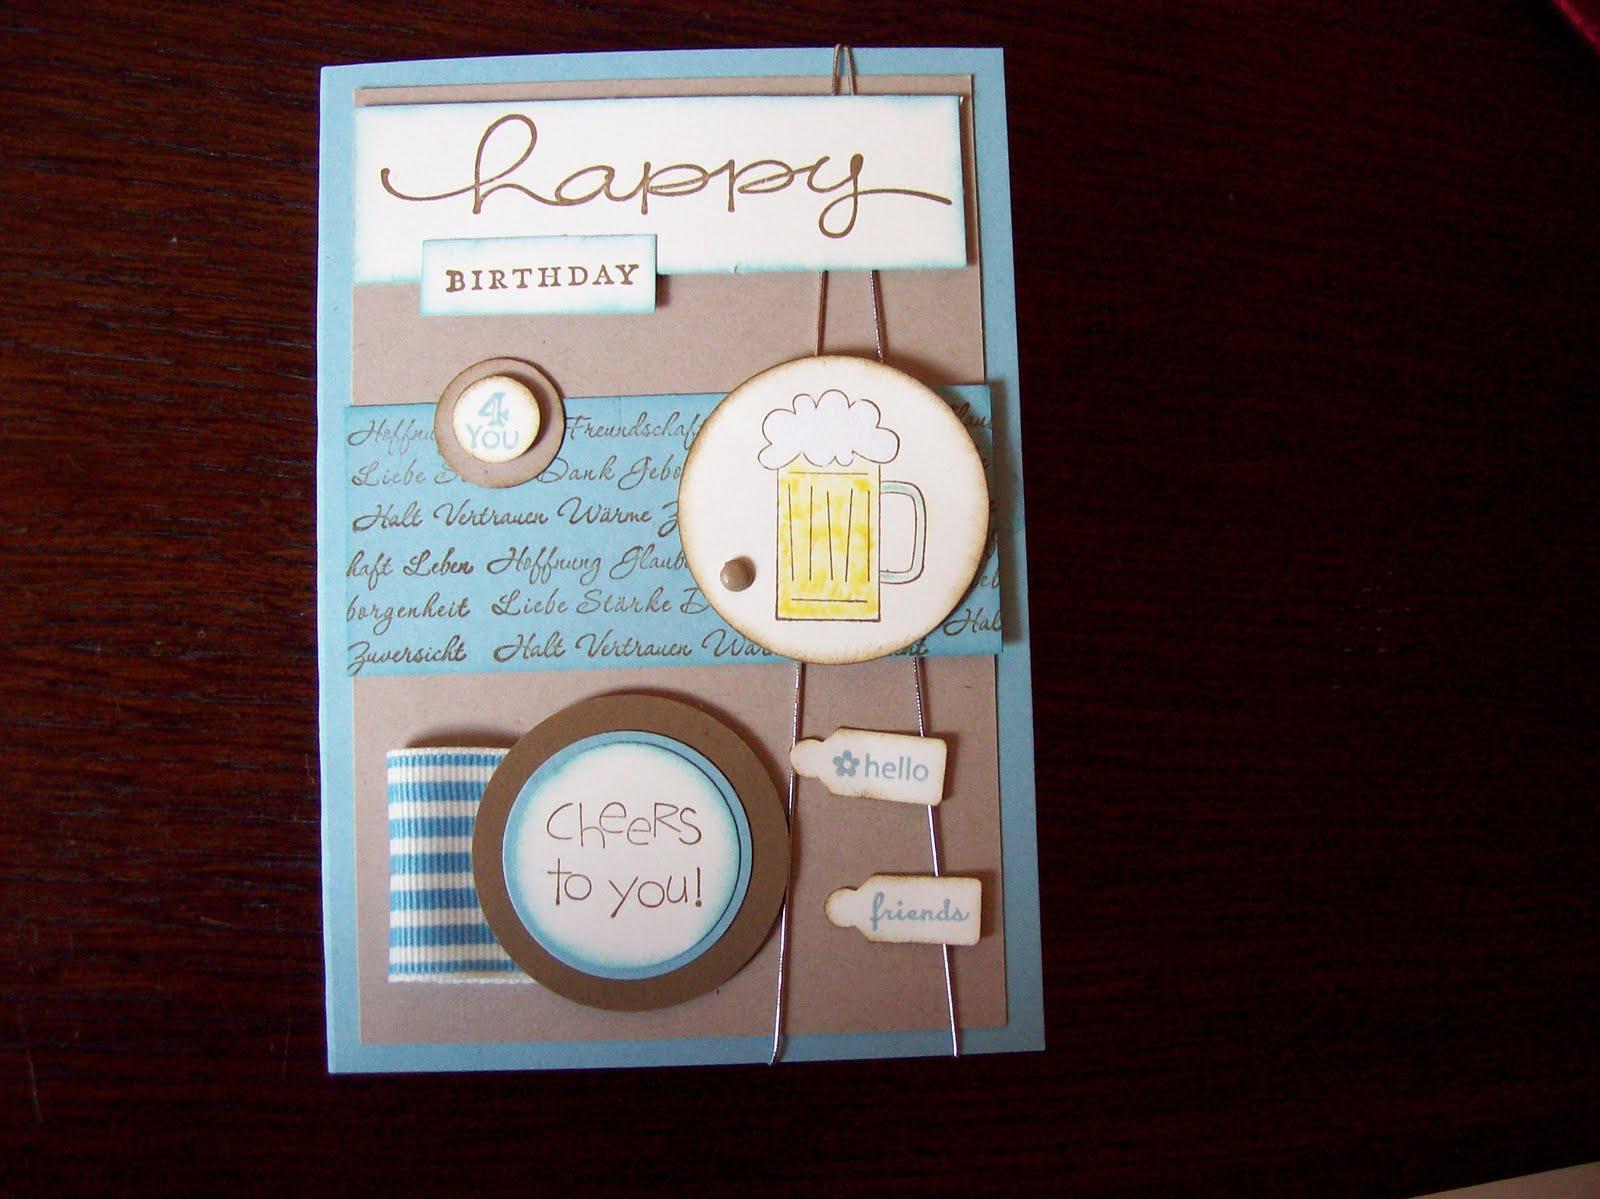 Kreativ am deich eine geburtstags karte f r einen jungen mann - Geburtstagskarte basteln mann ...